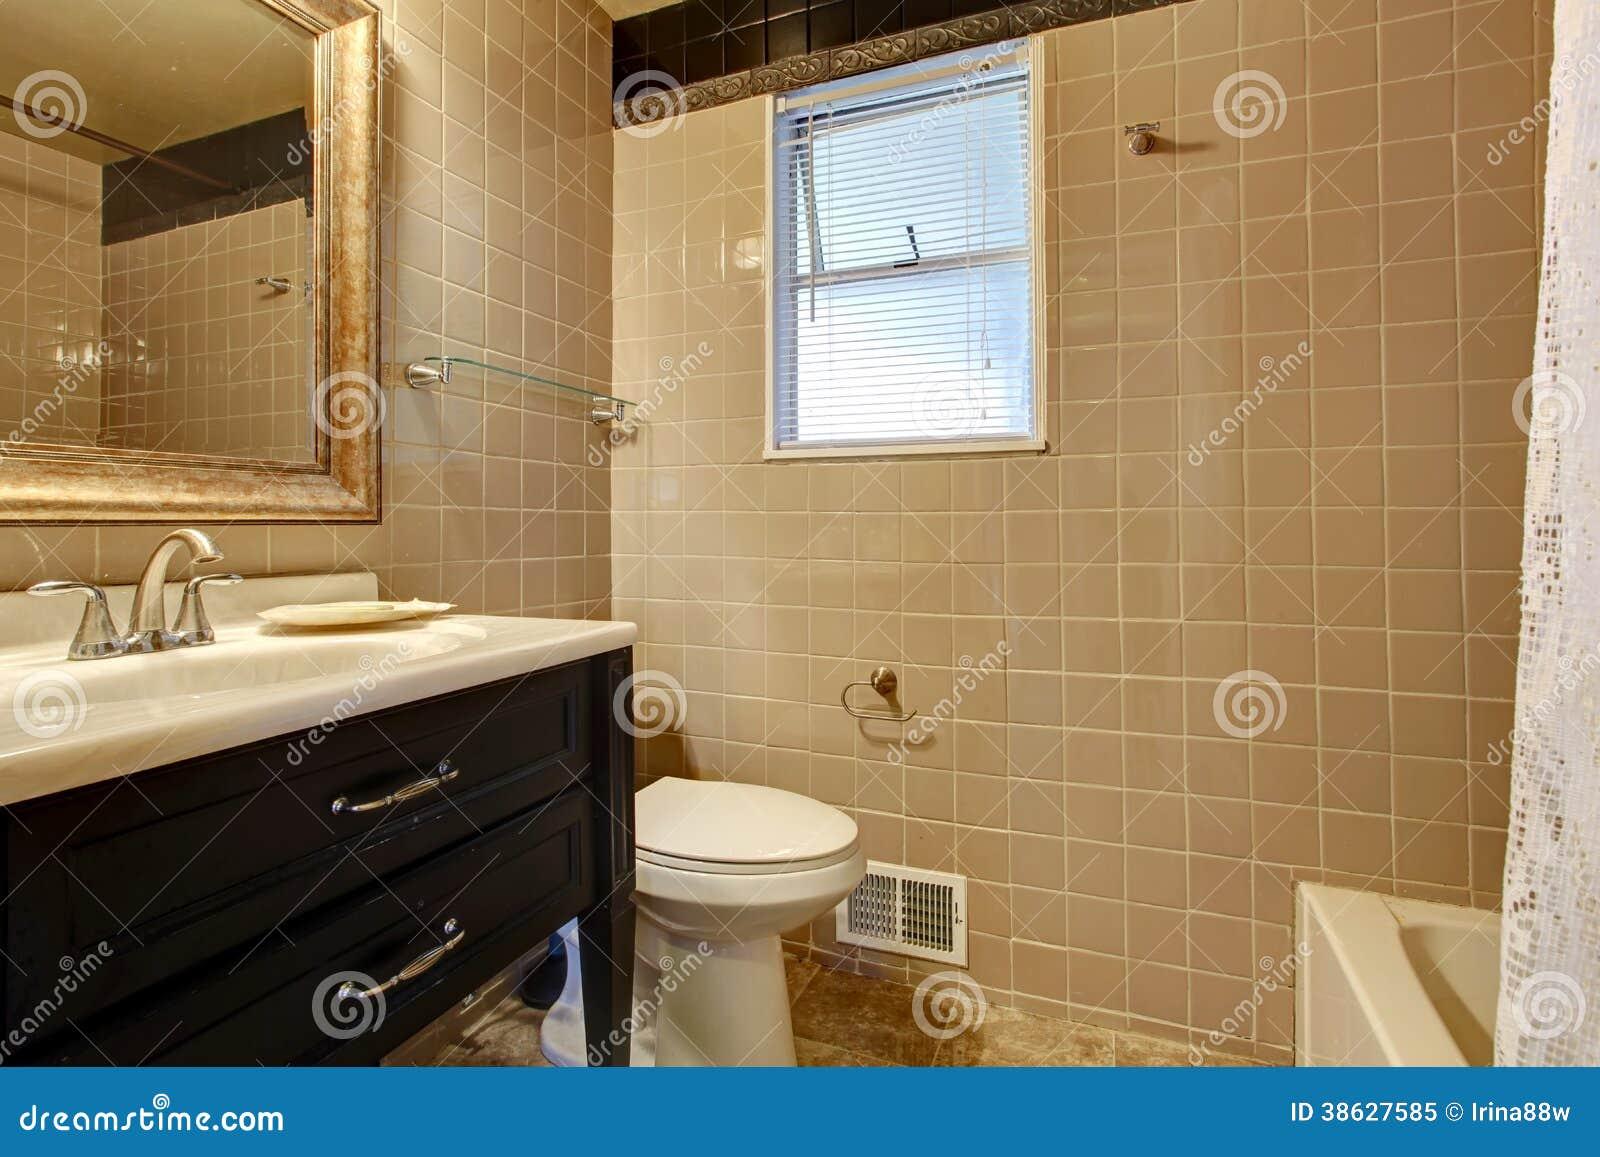 Banheiro Bege Com Um Armário Preto Da Bacia Foto de Stock Royalty  #69471F 1300x957 Banheiro Bege